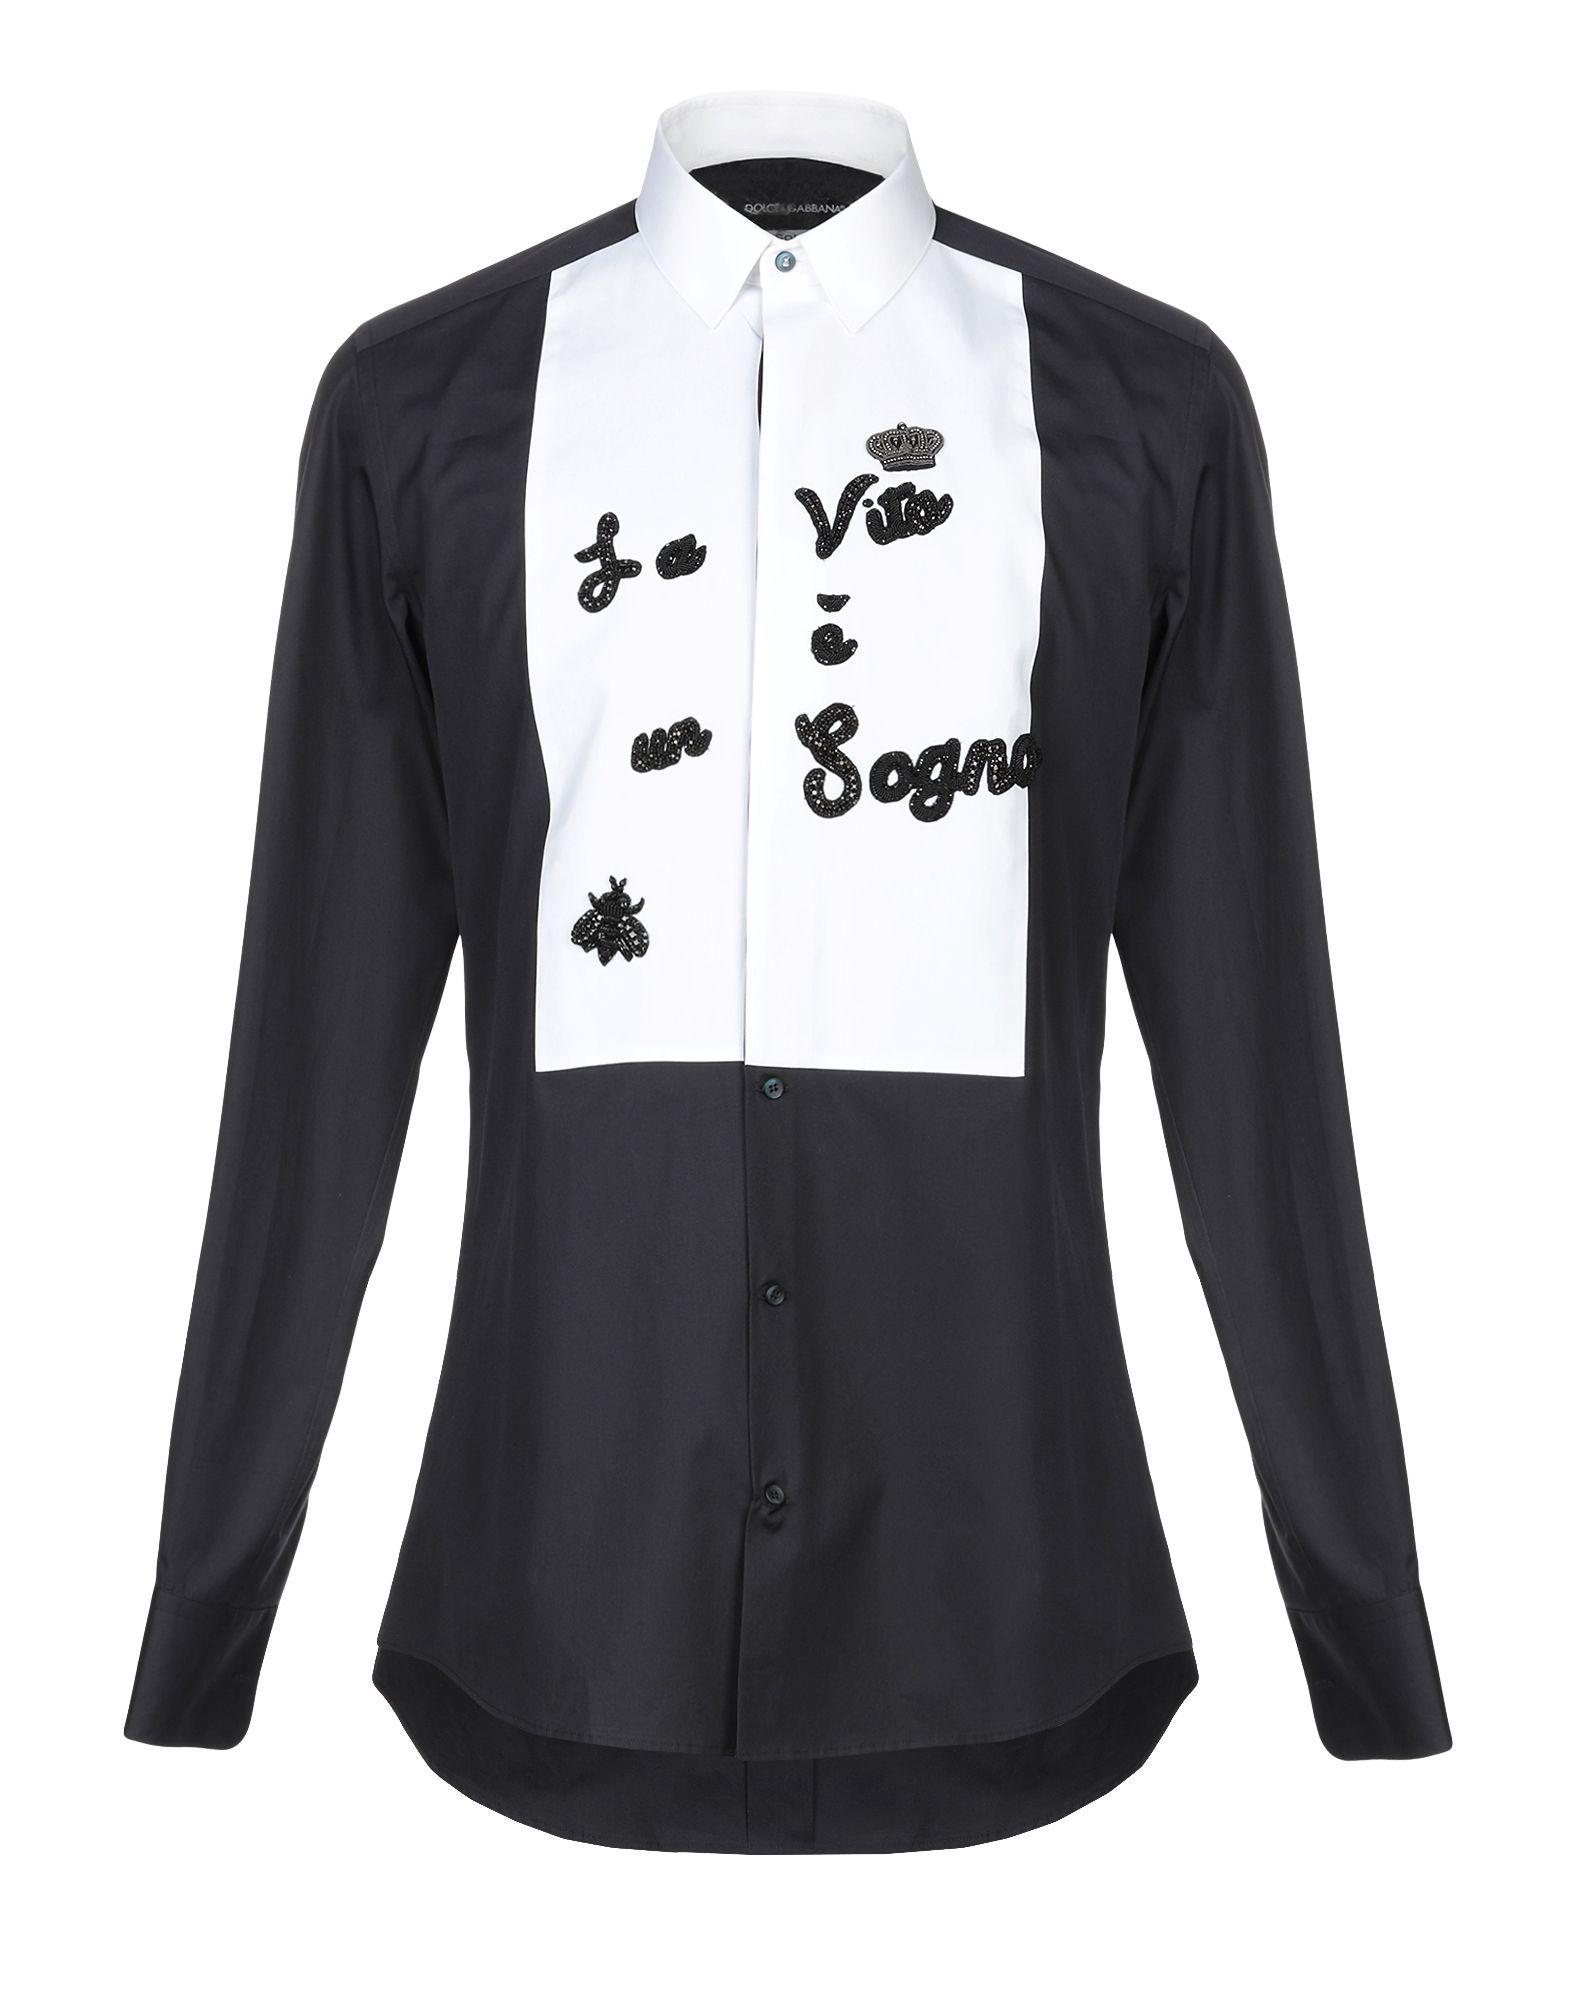 e52472f9499 Dolce & Gabbana Shirts In Dark Blue | ModeSens